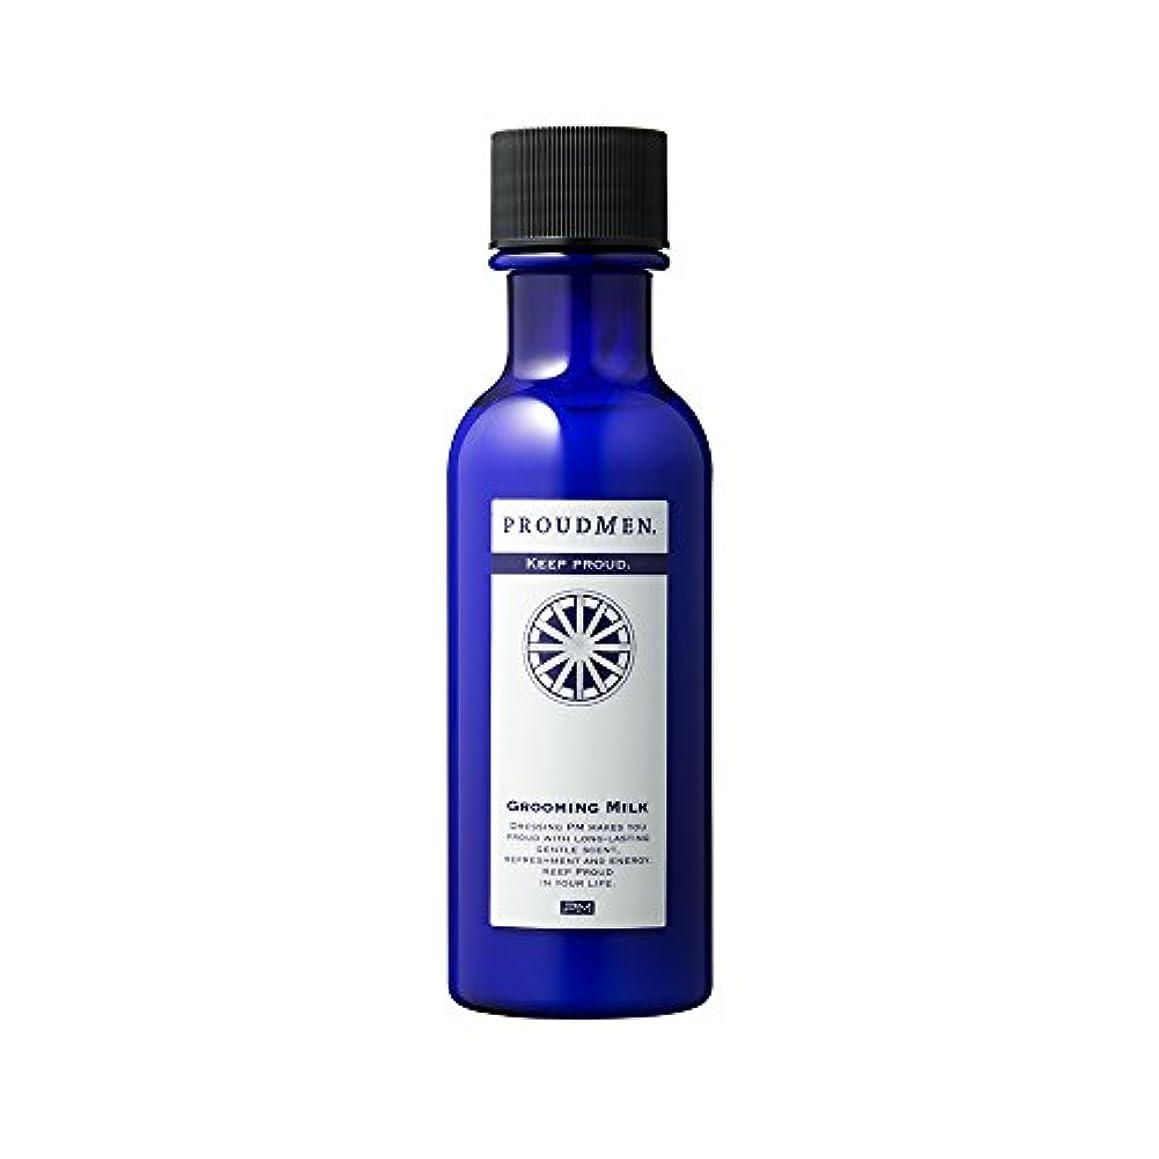 スケッチイノセンス近代化プラウドメン グルーミングミルク 100ml 化粧水 メンズ アフターシェーブ